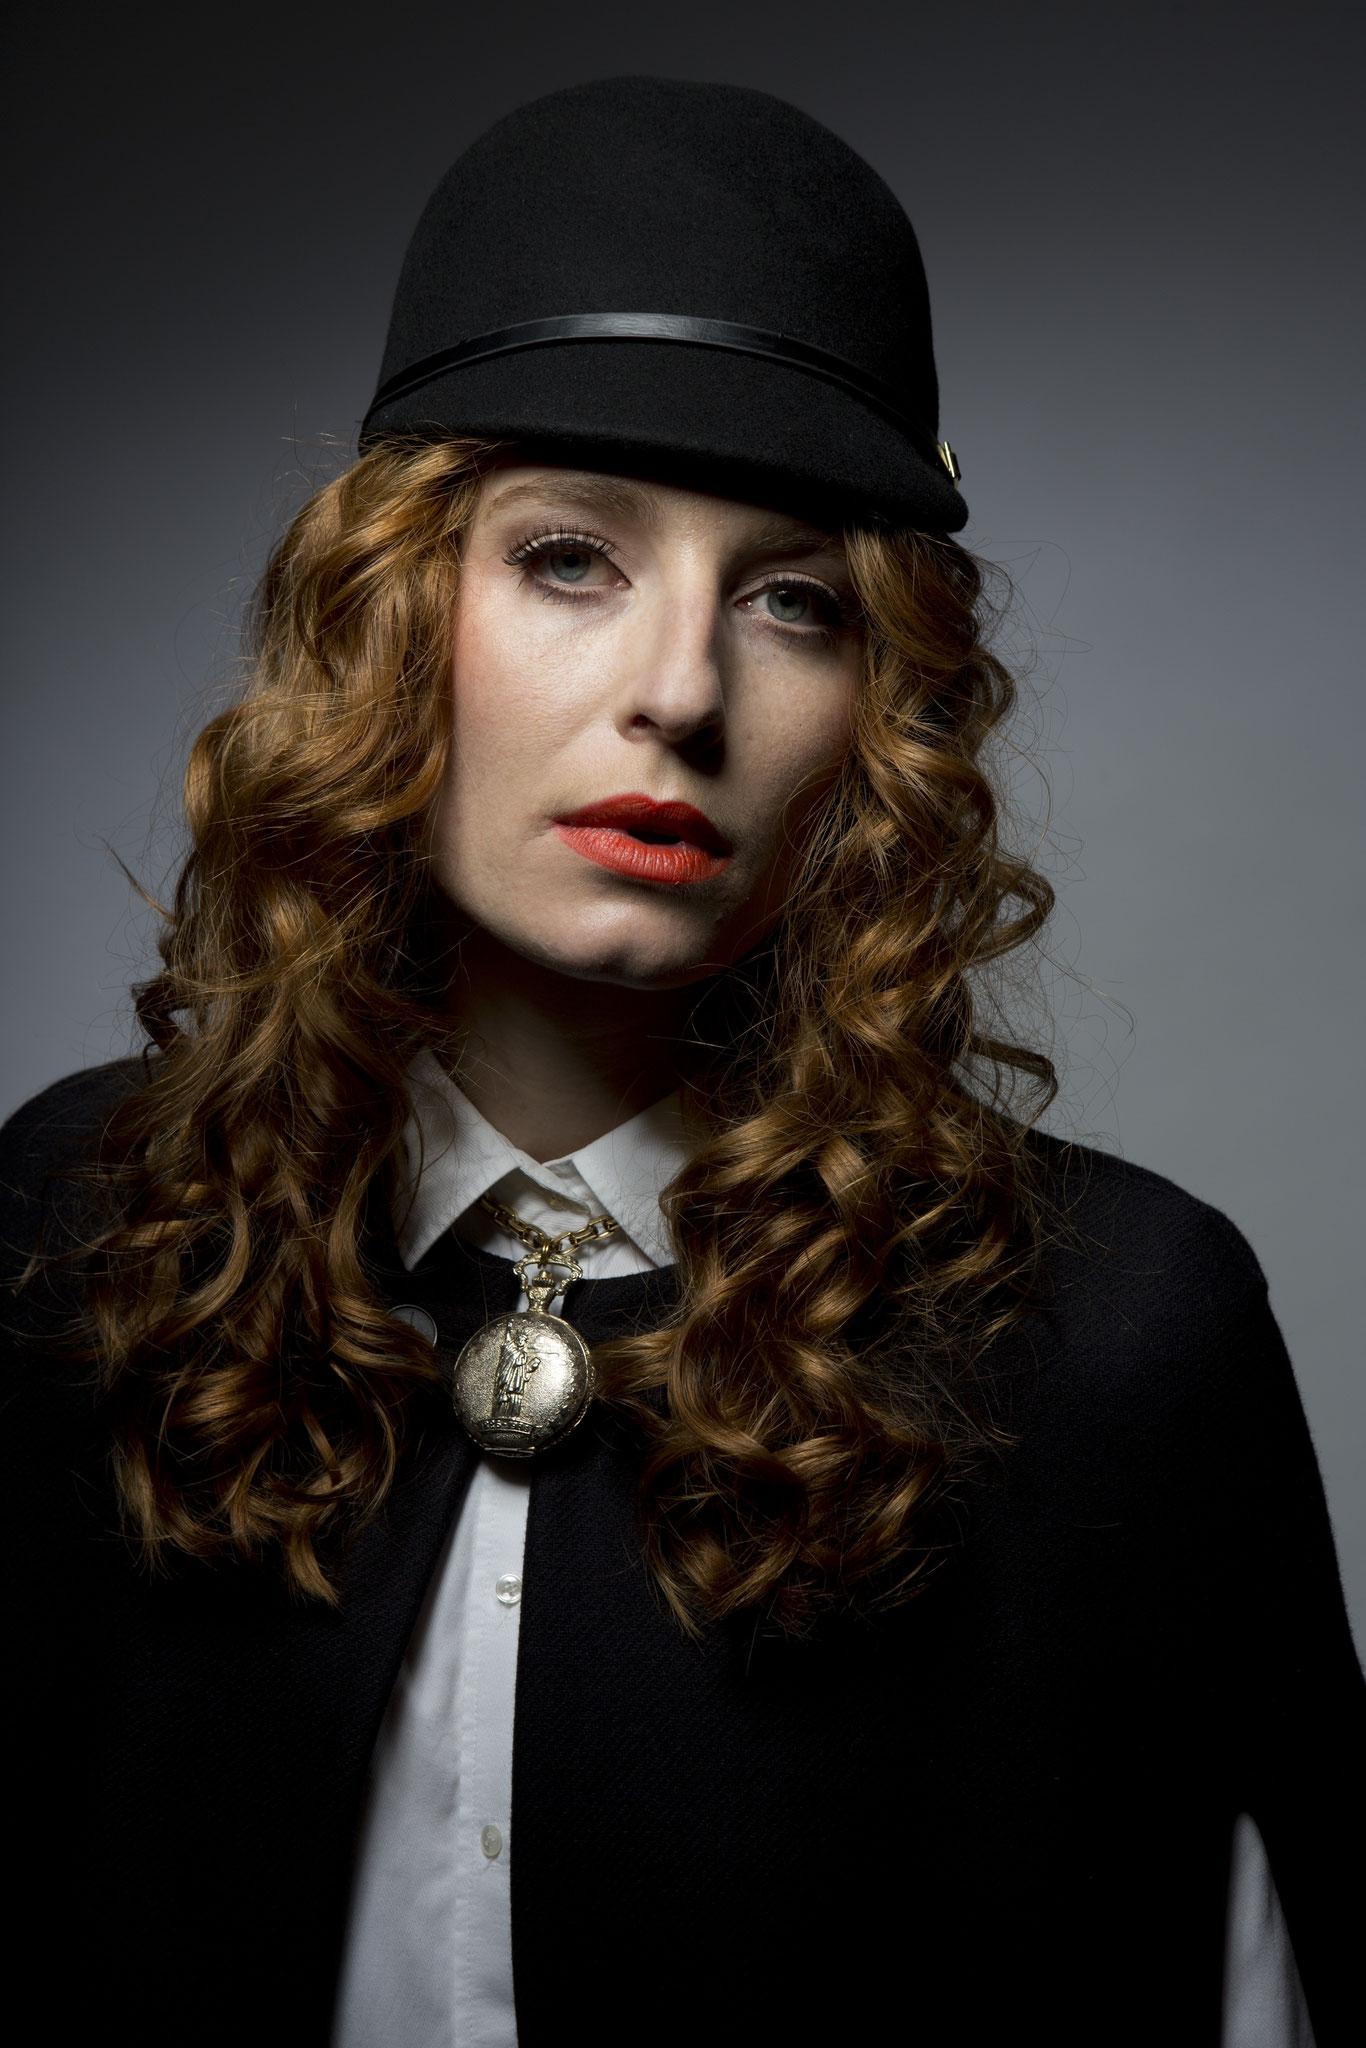 Fotograf: Severin Schweiger - Stylist: Vesna Resch